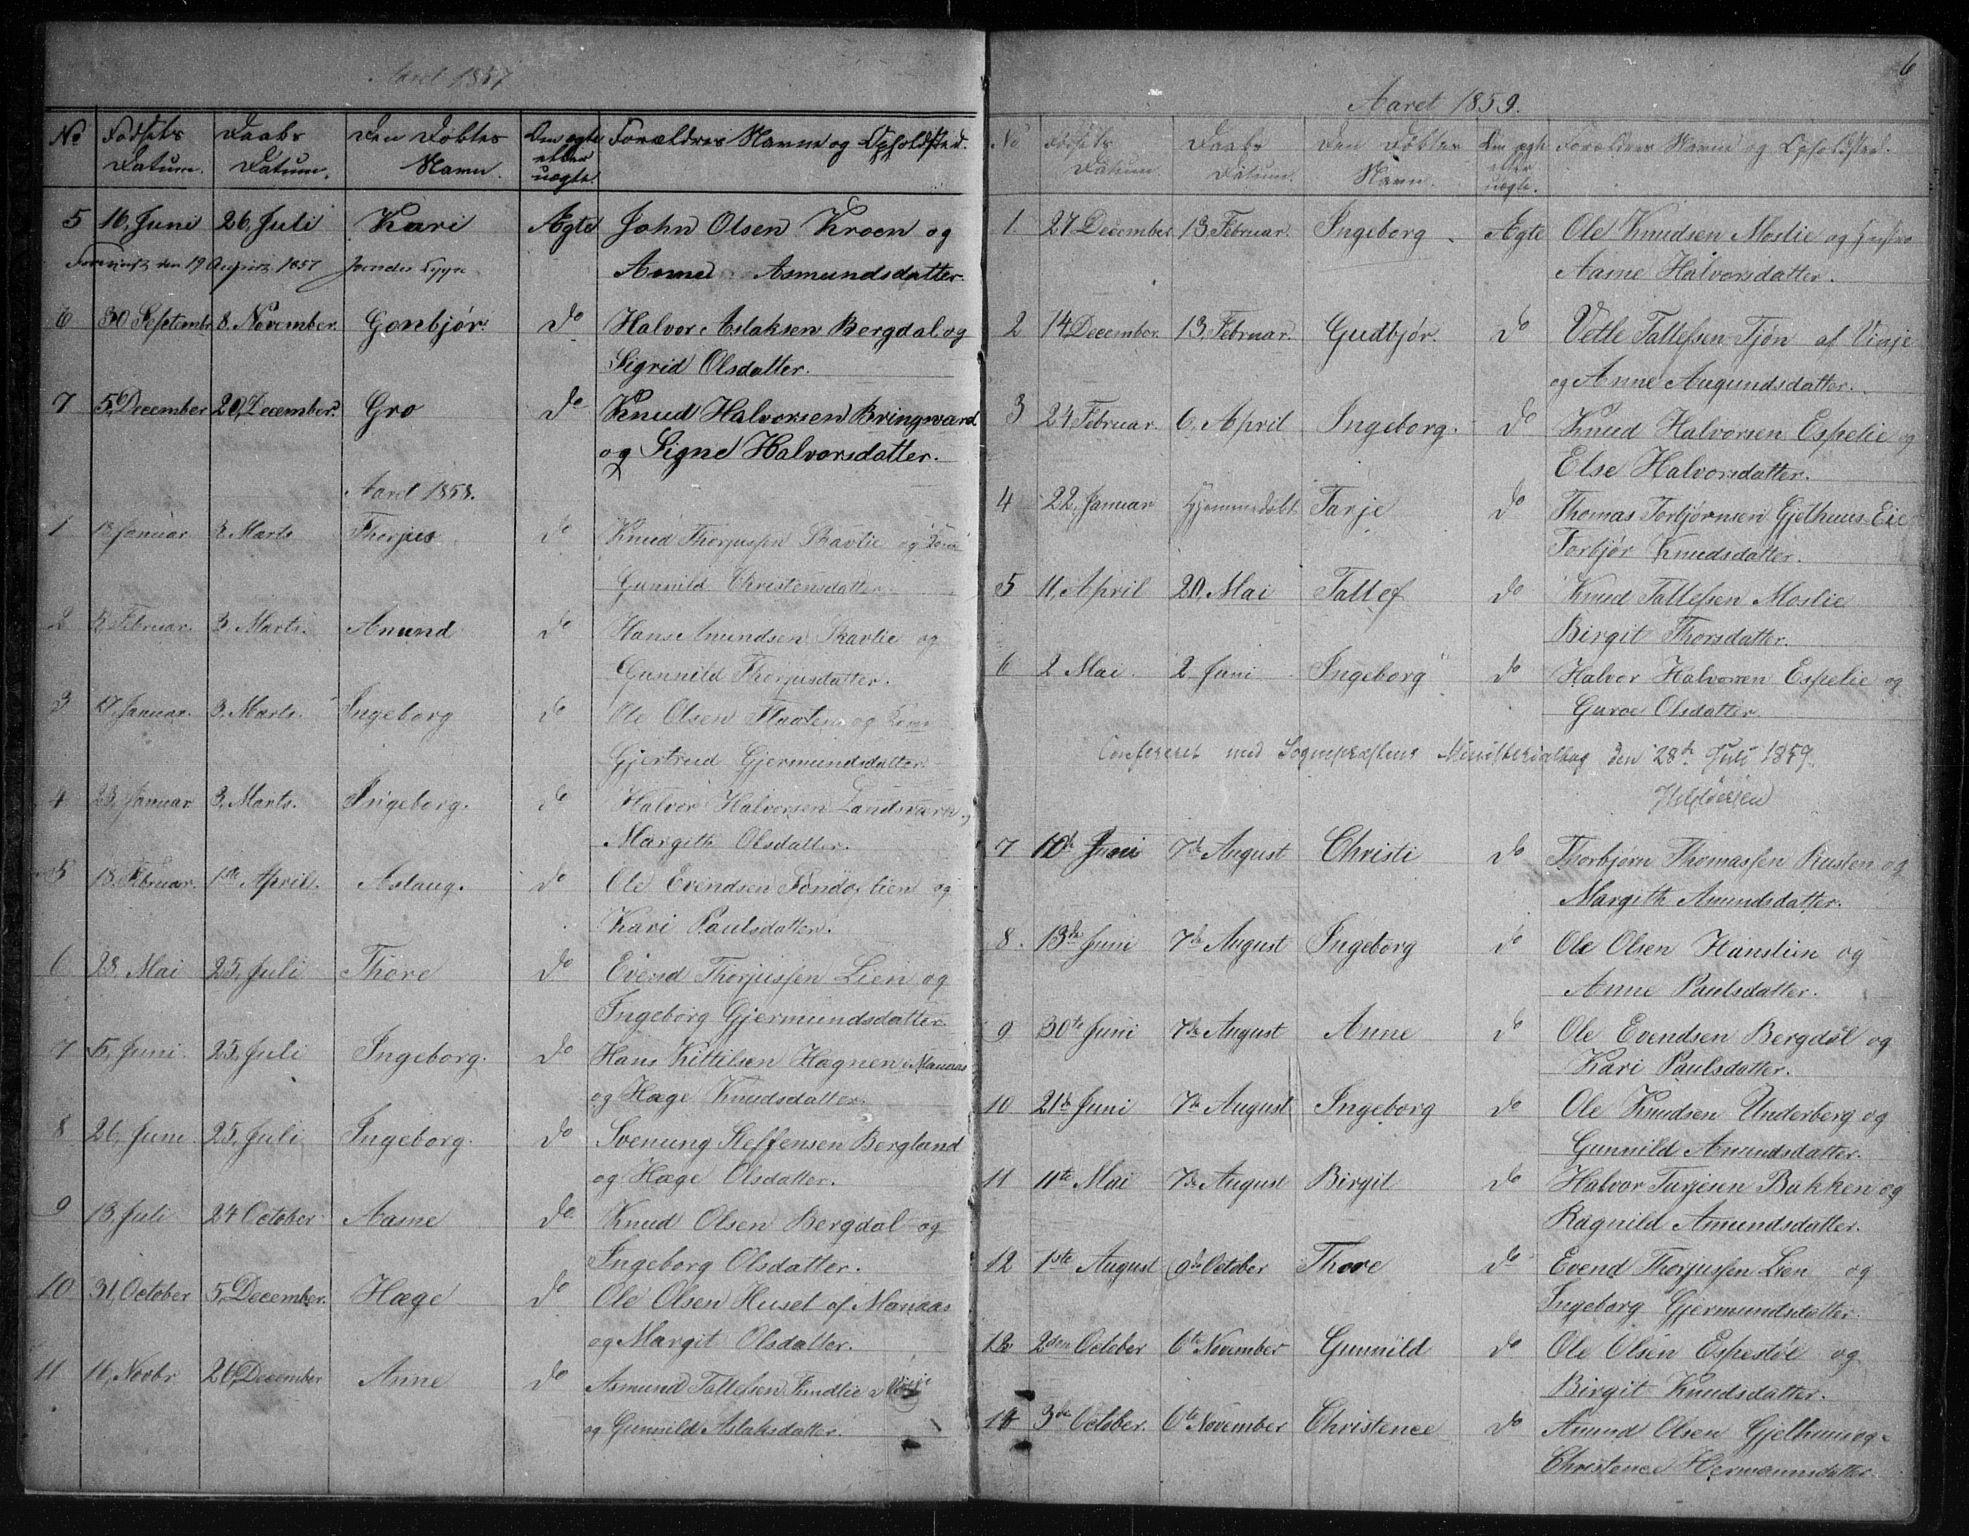 SAKO, Vinje kirkebøker, G/Gb/L0002: Klokkerbok nr. II 2, 1849-1891, s. 6